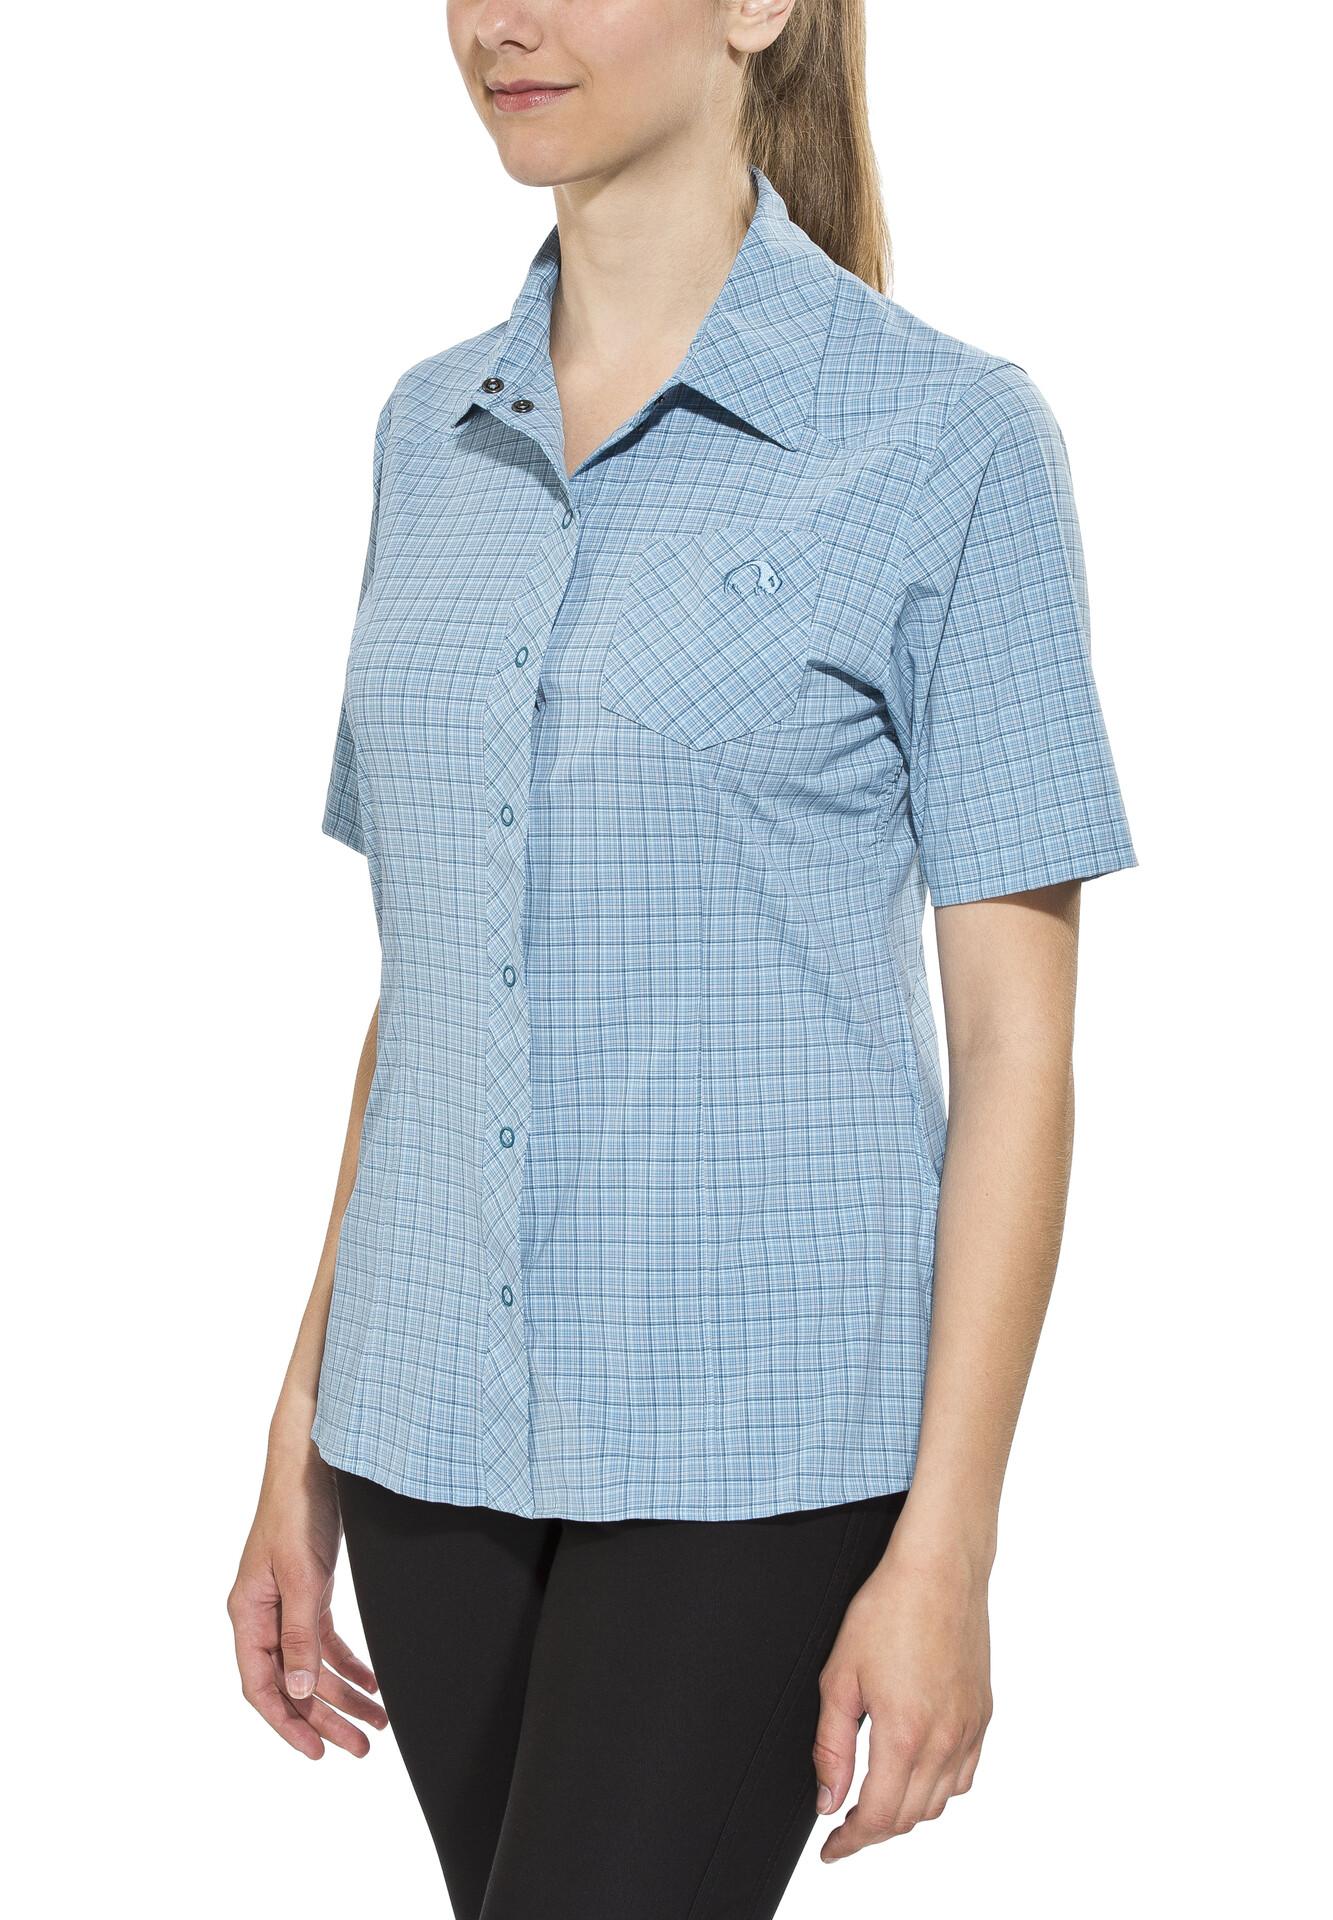 Tatonka Courtes Manches Bleu Femme Jonne T Shirt c5uKJF1Tl3